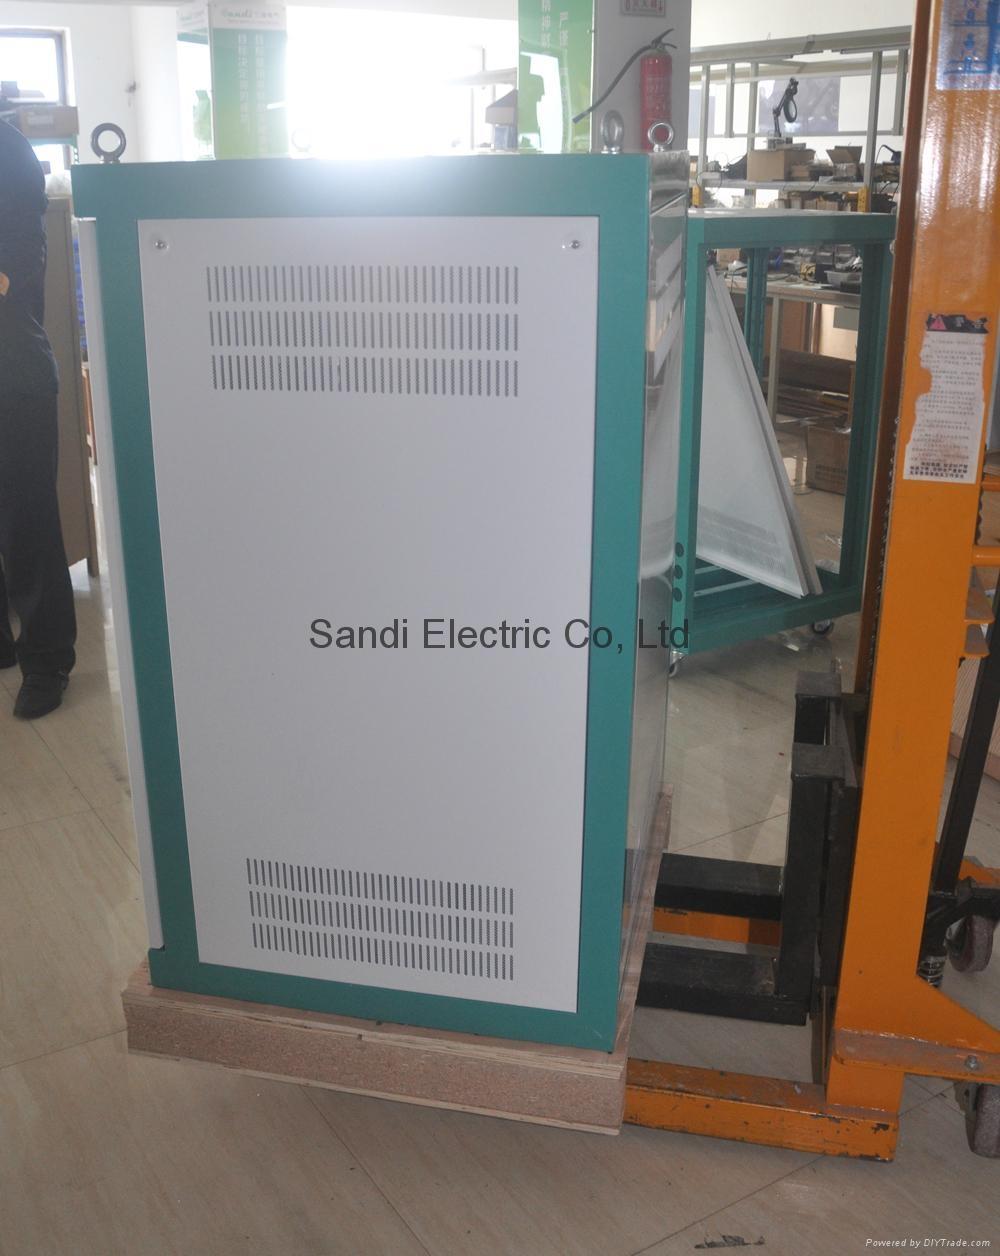 专业从事研制、生产、和销售电力正弦波逆变器,通信正弦波逆变器,电力逆变器,通信逆变器